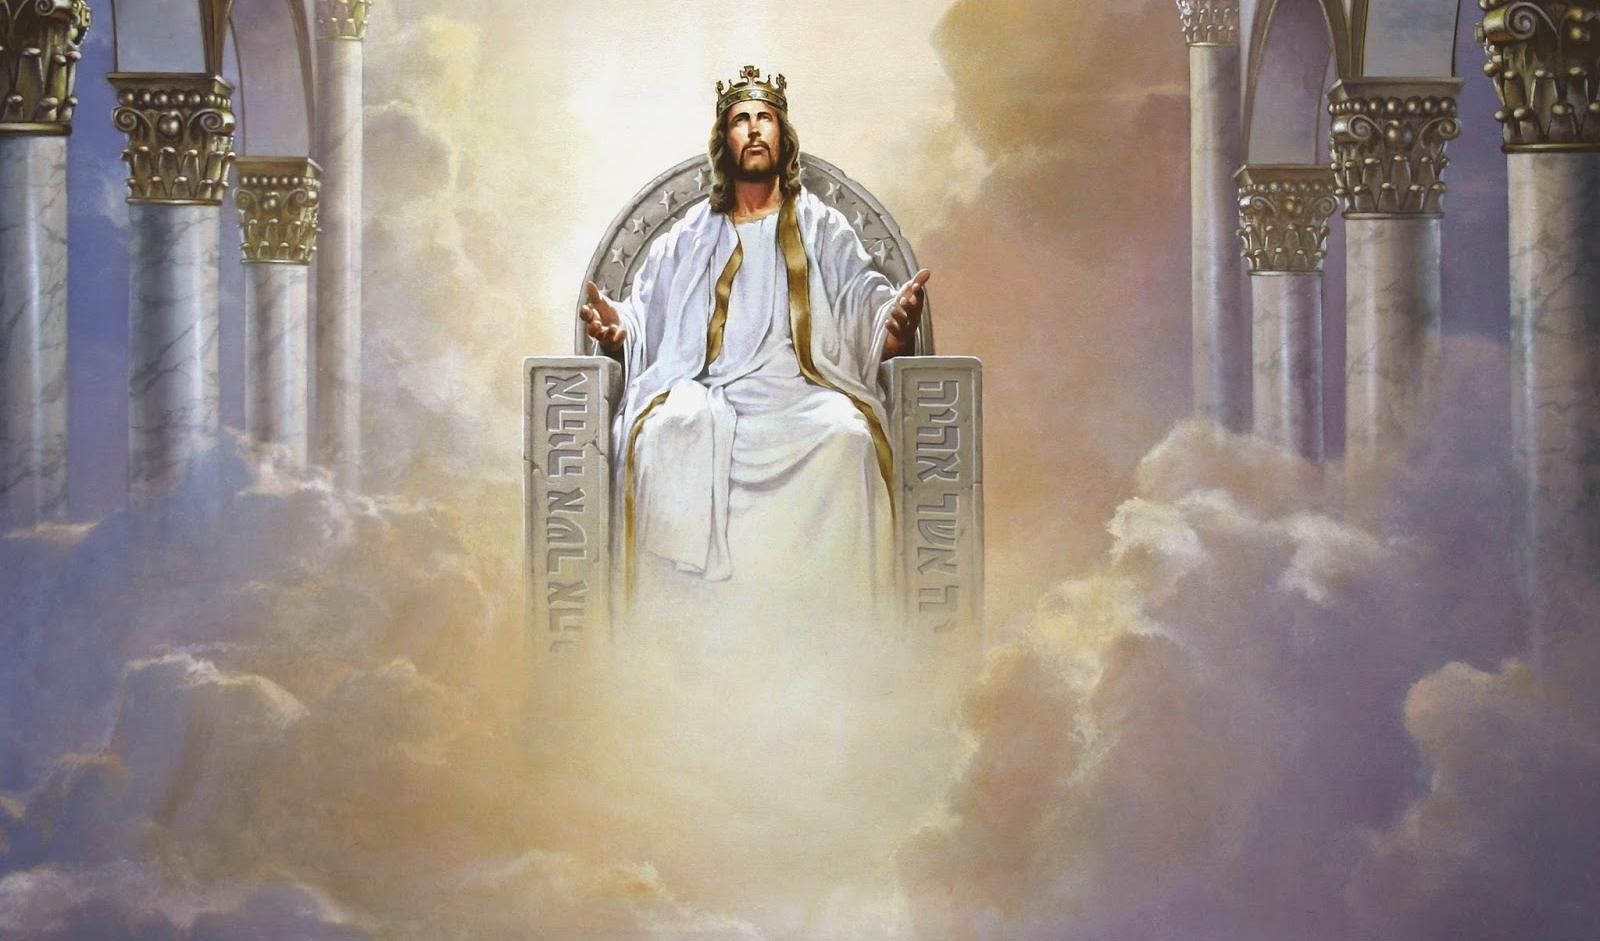 Quienes son los Personajes Bíblicos del Adviento [y por qué]